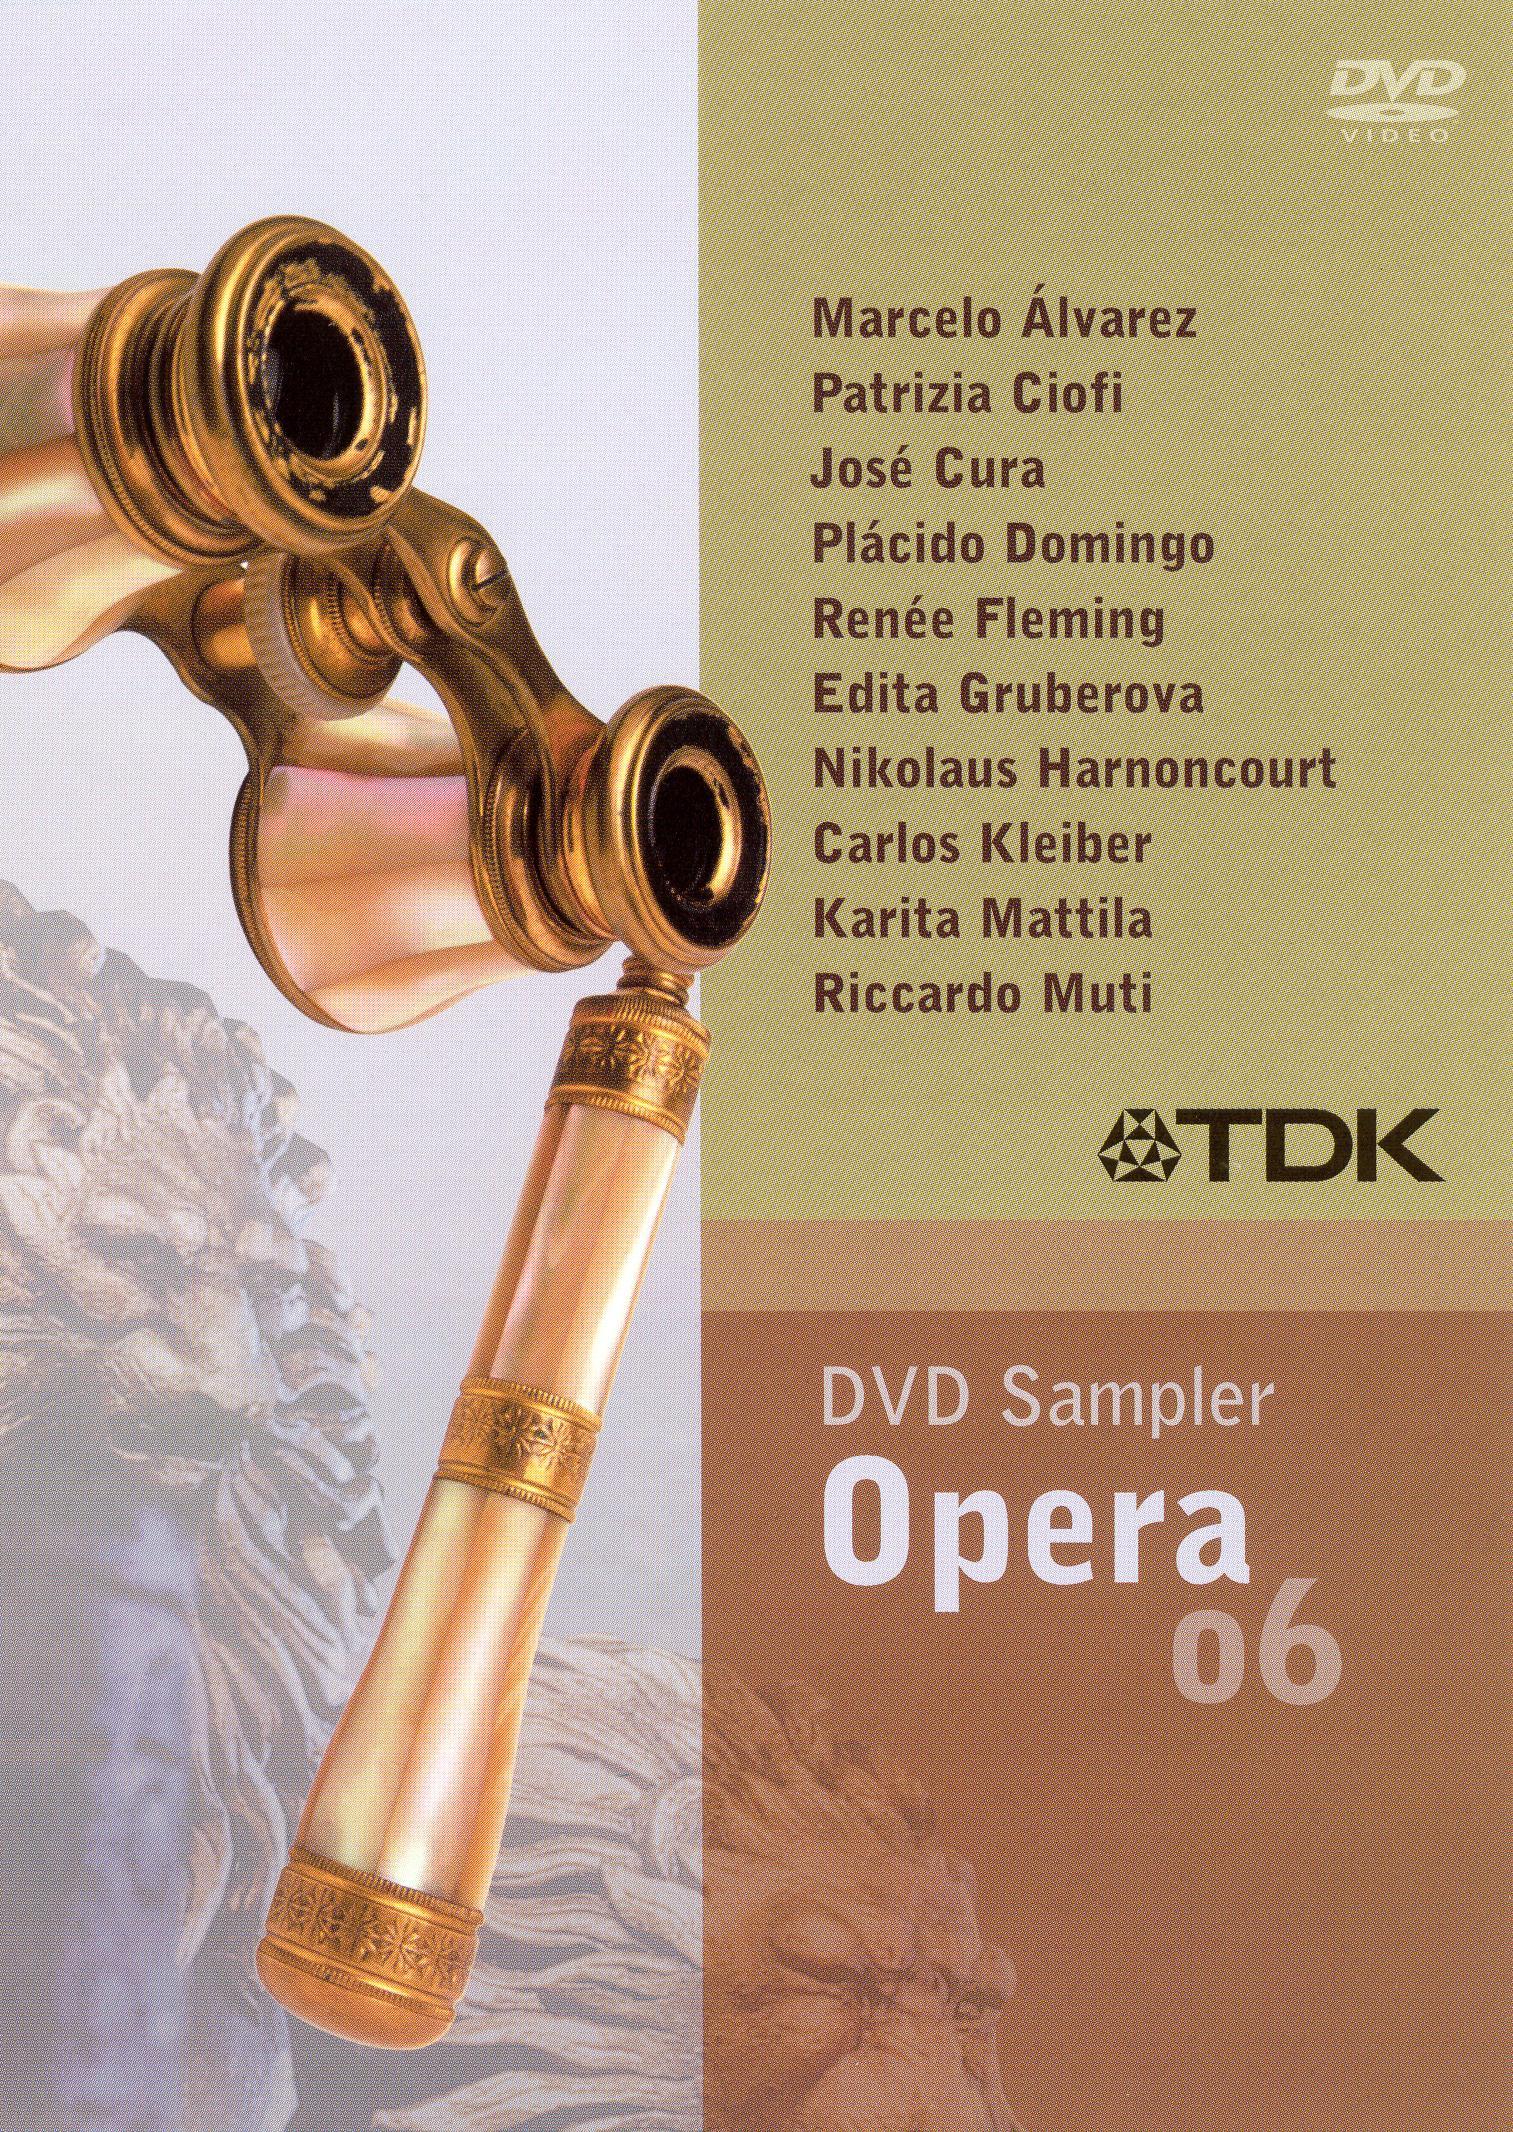 DVD Sampler Opera 06